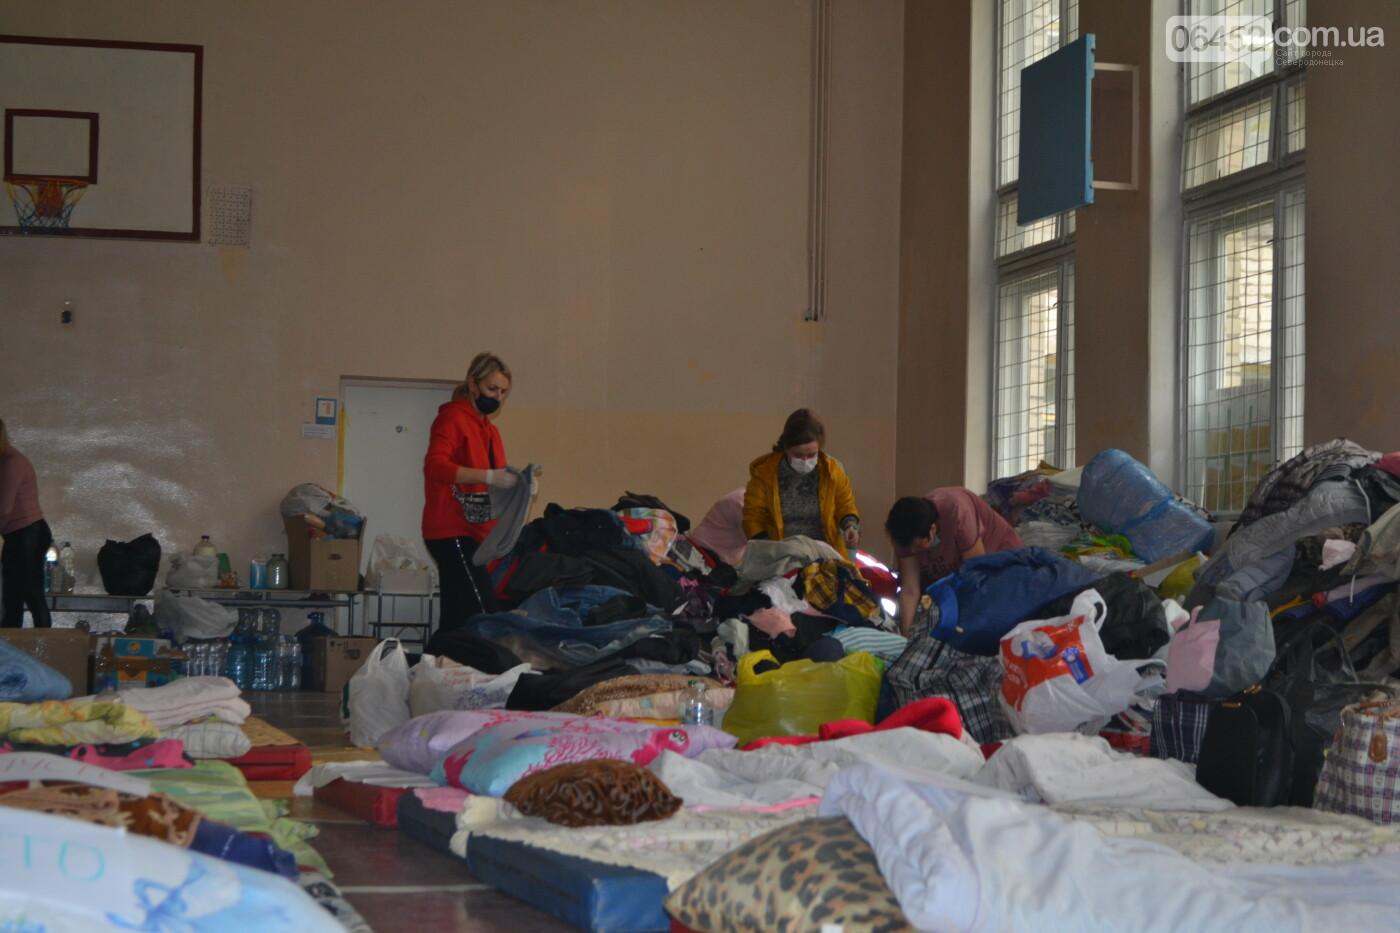 Продукты, средства гигиены и посуда: погорельцы Луганщины нуждаются в помощи, фото-11